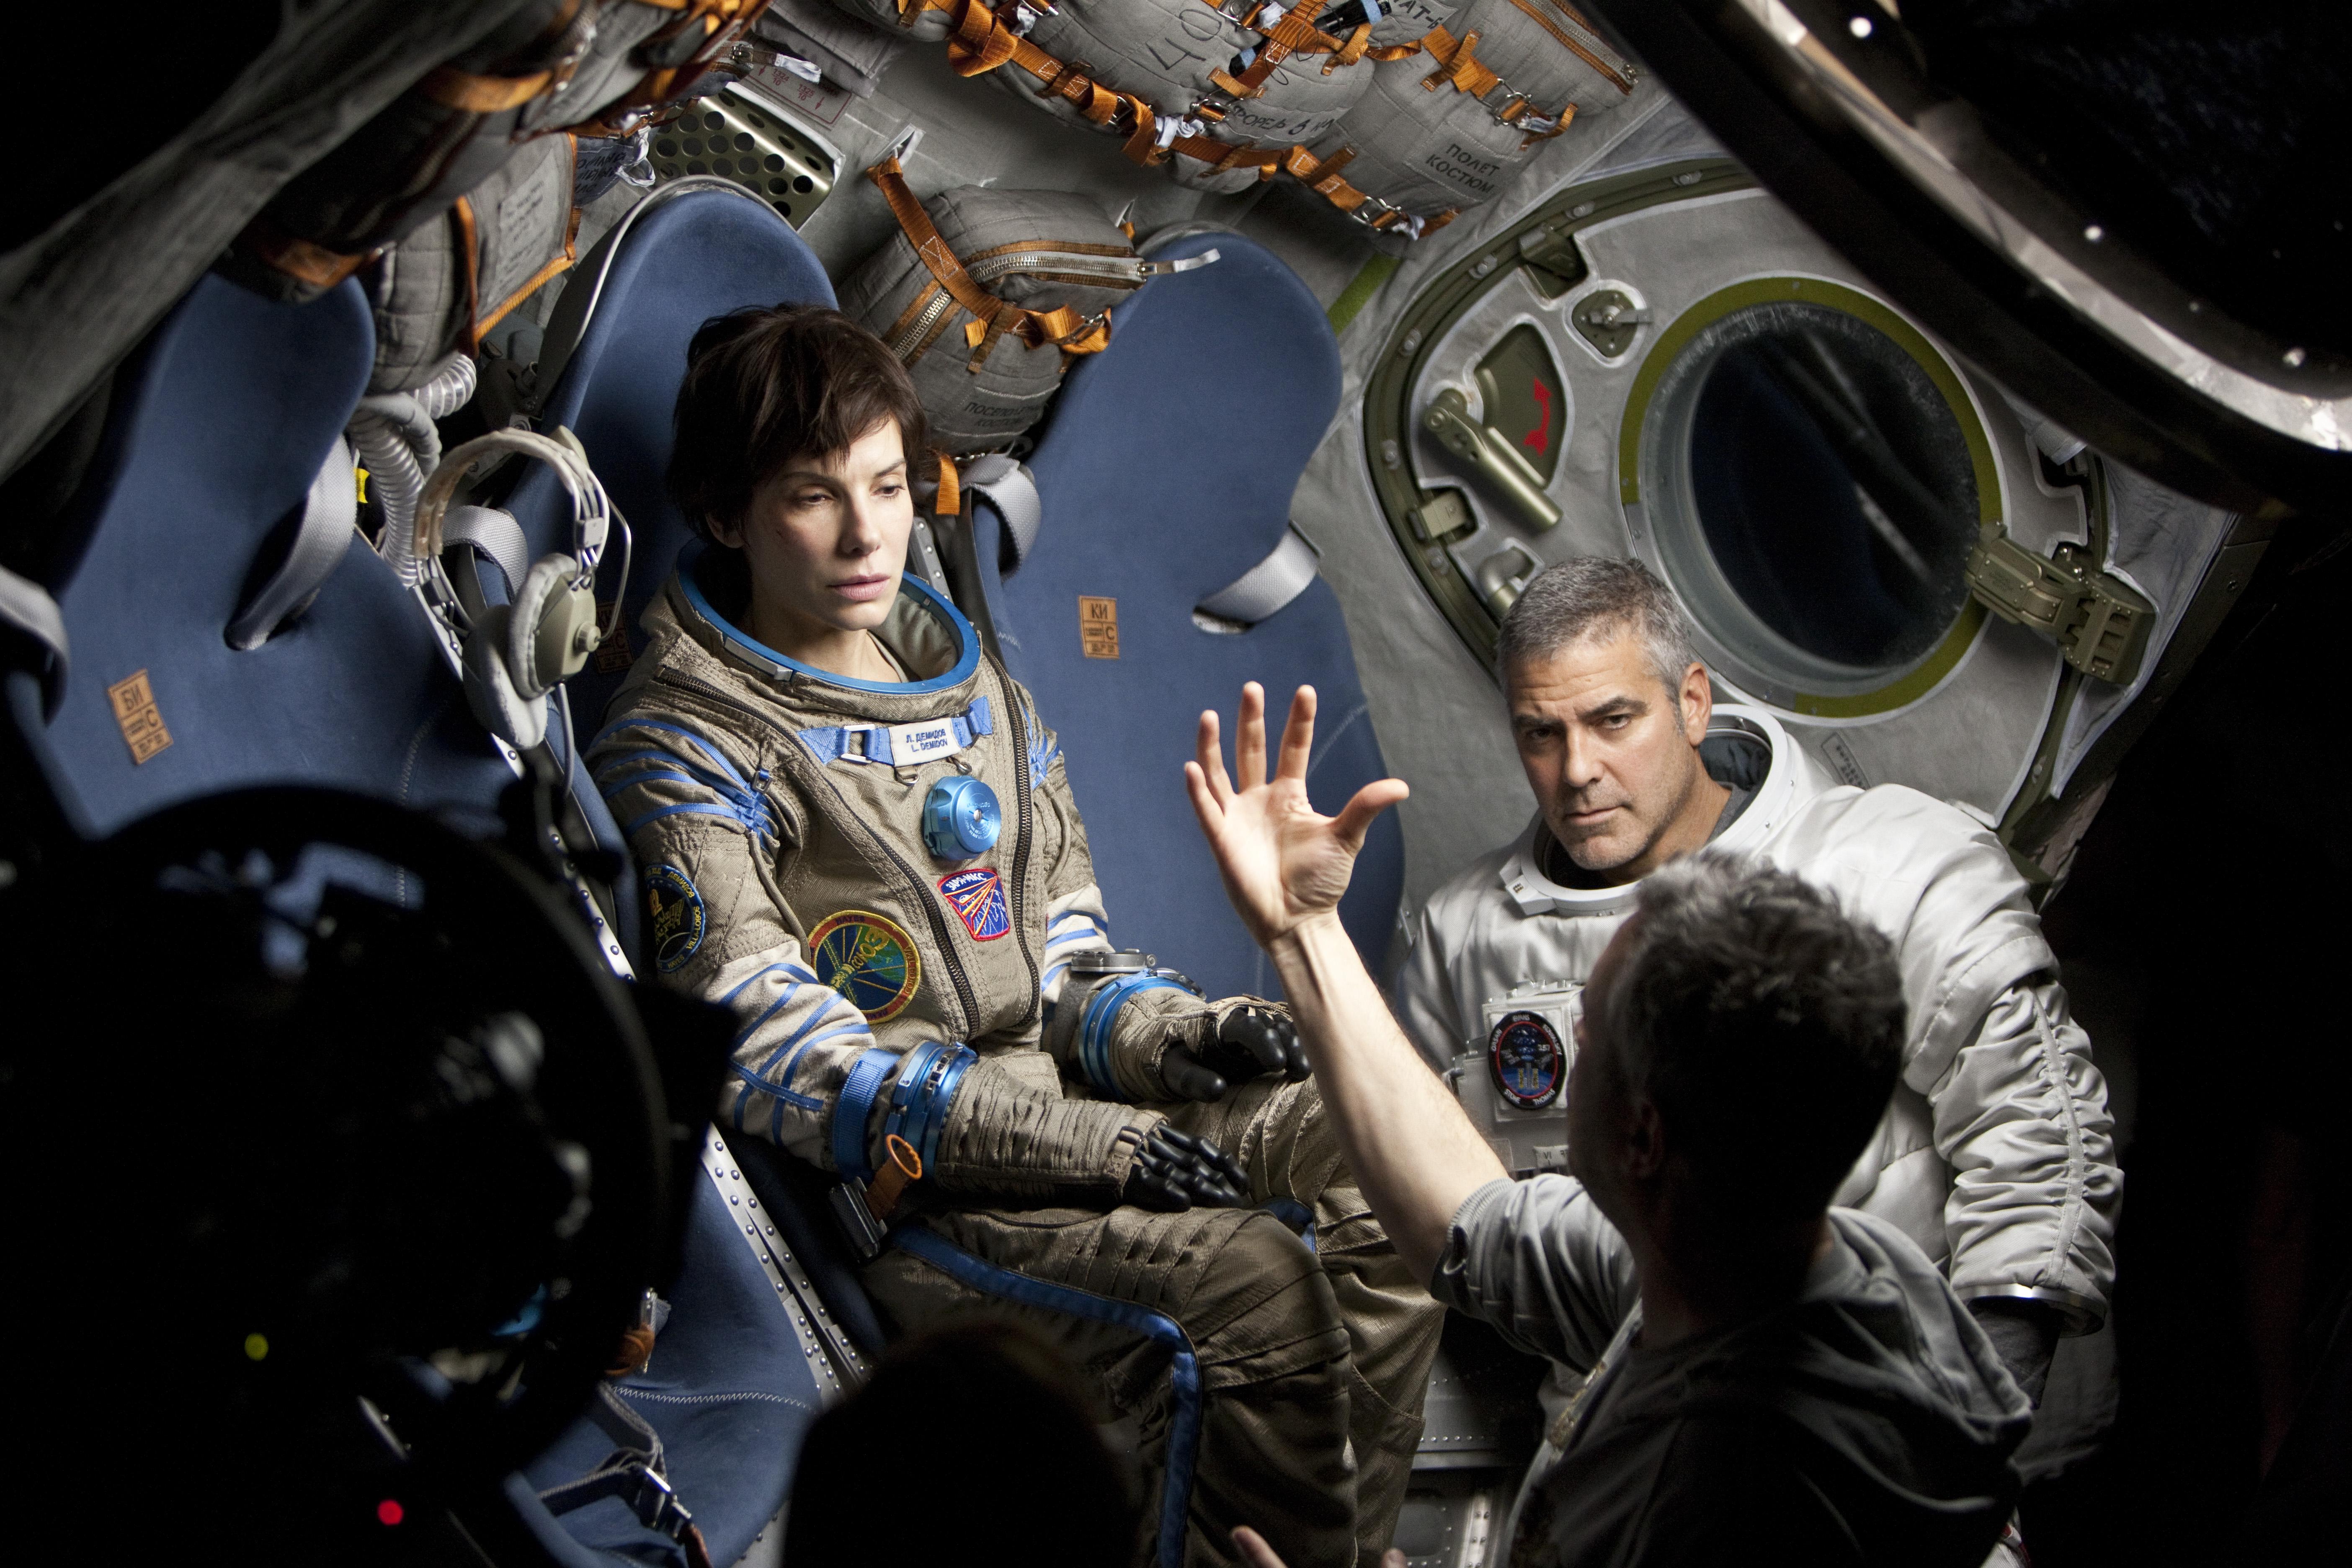 со съемок Гравитация Сандра Буллок, Джордж Клуни, Альфонсо Куарон,